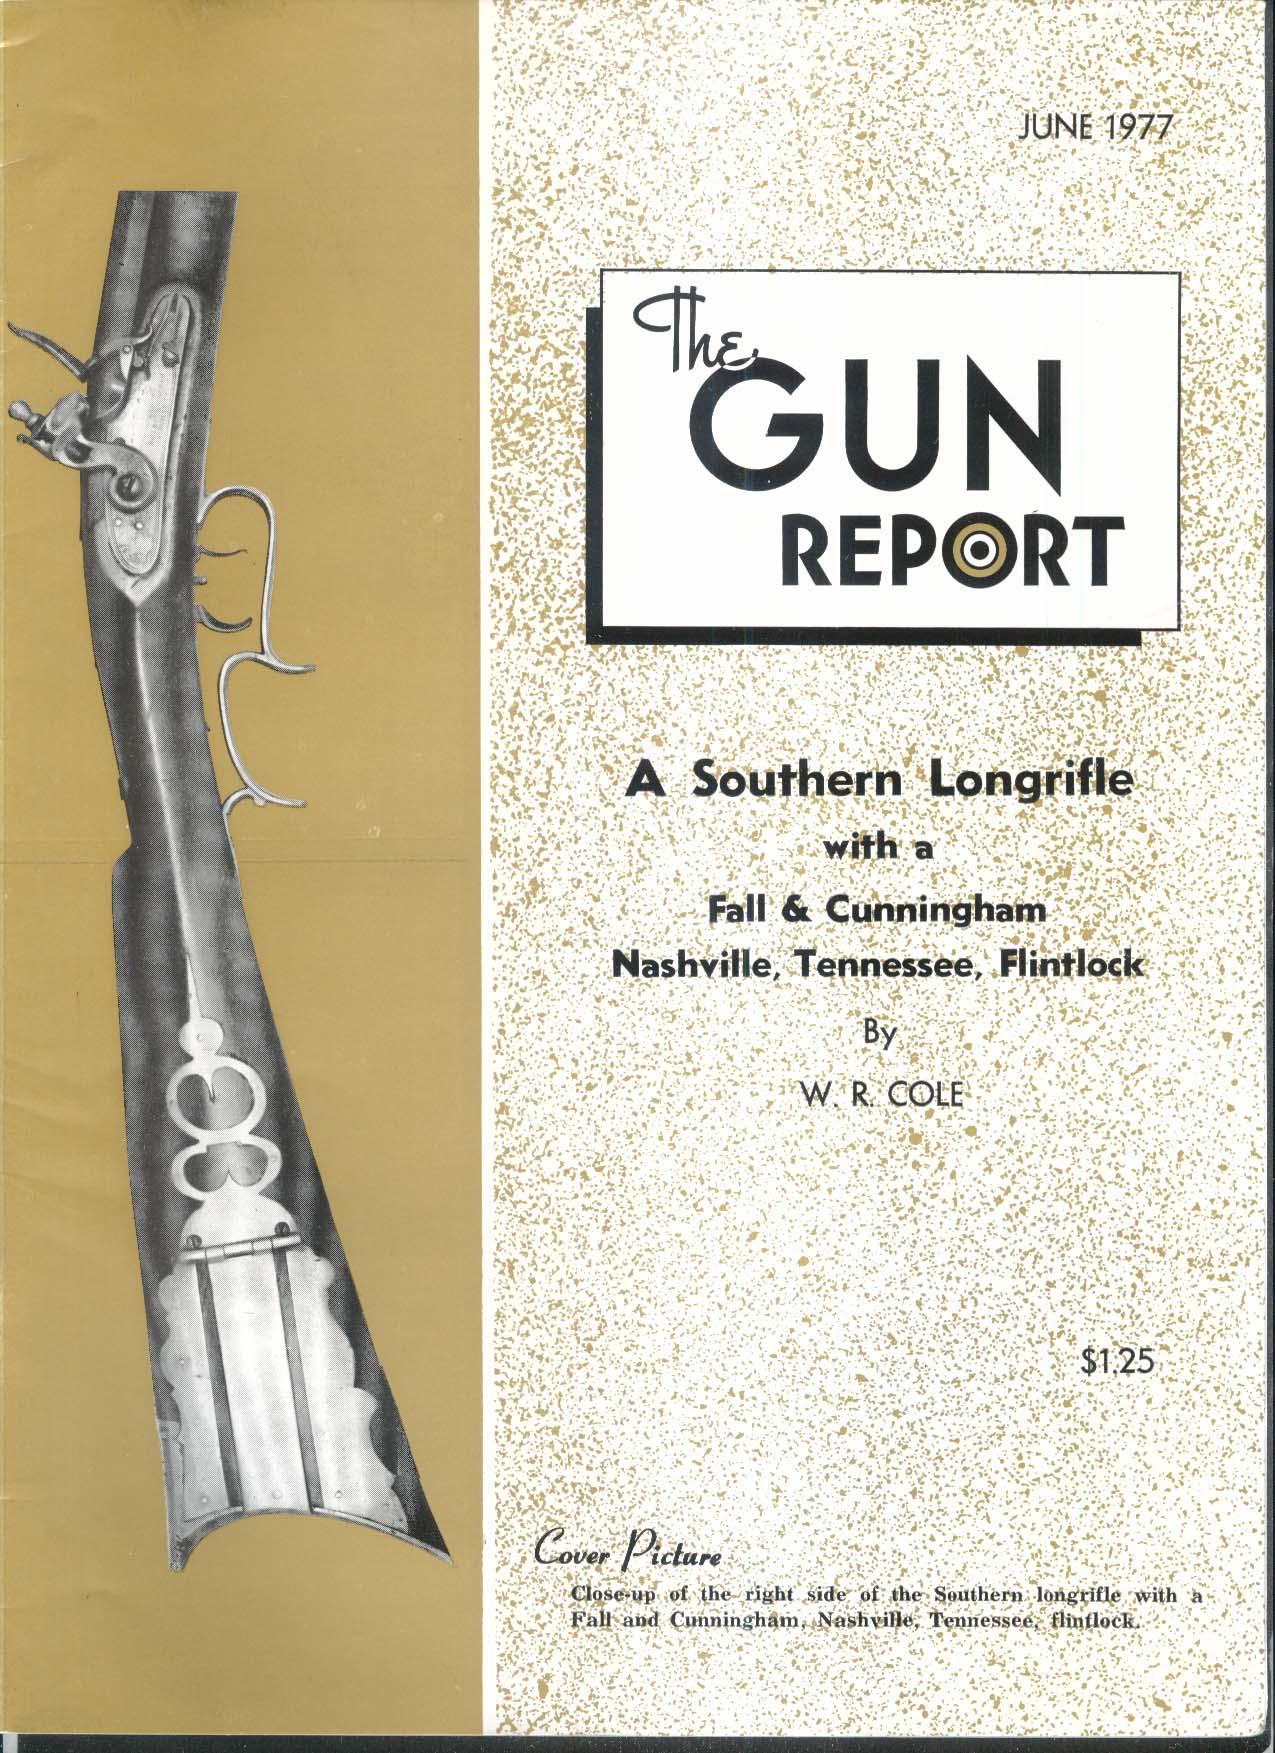 GUN REPORT Fall Cunningham Nashville Flintlock Southern Longrifle 6 1977